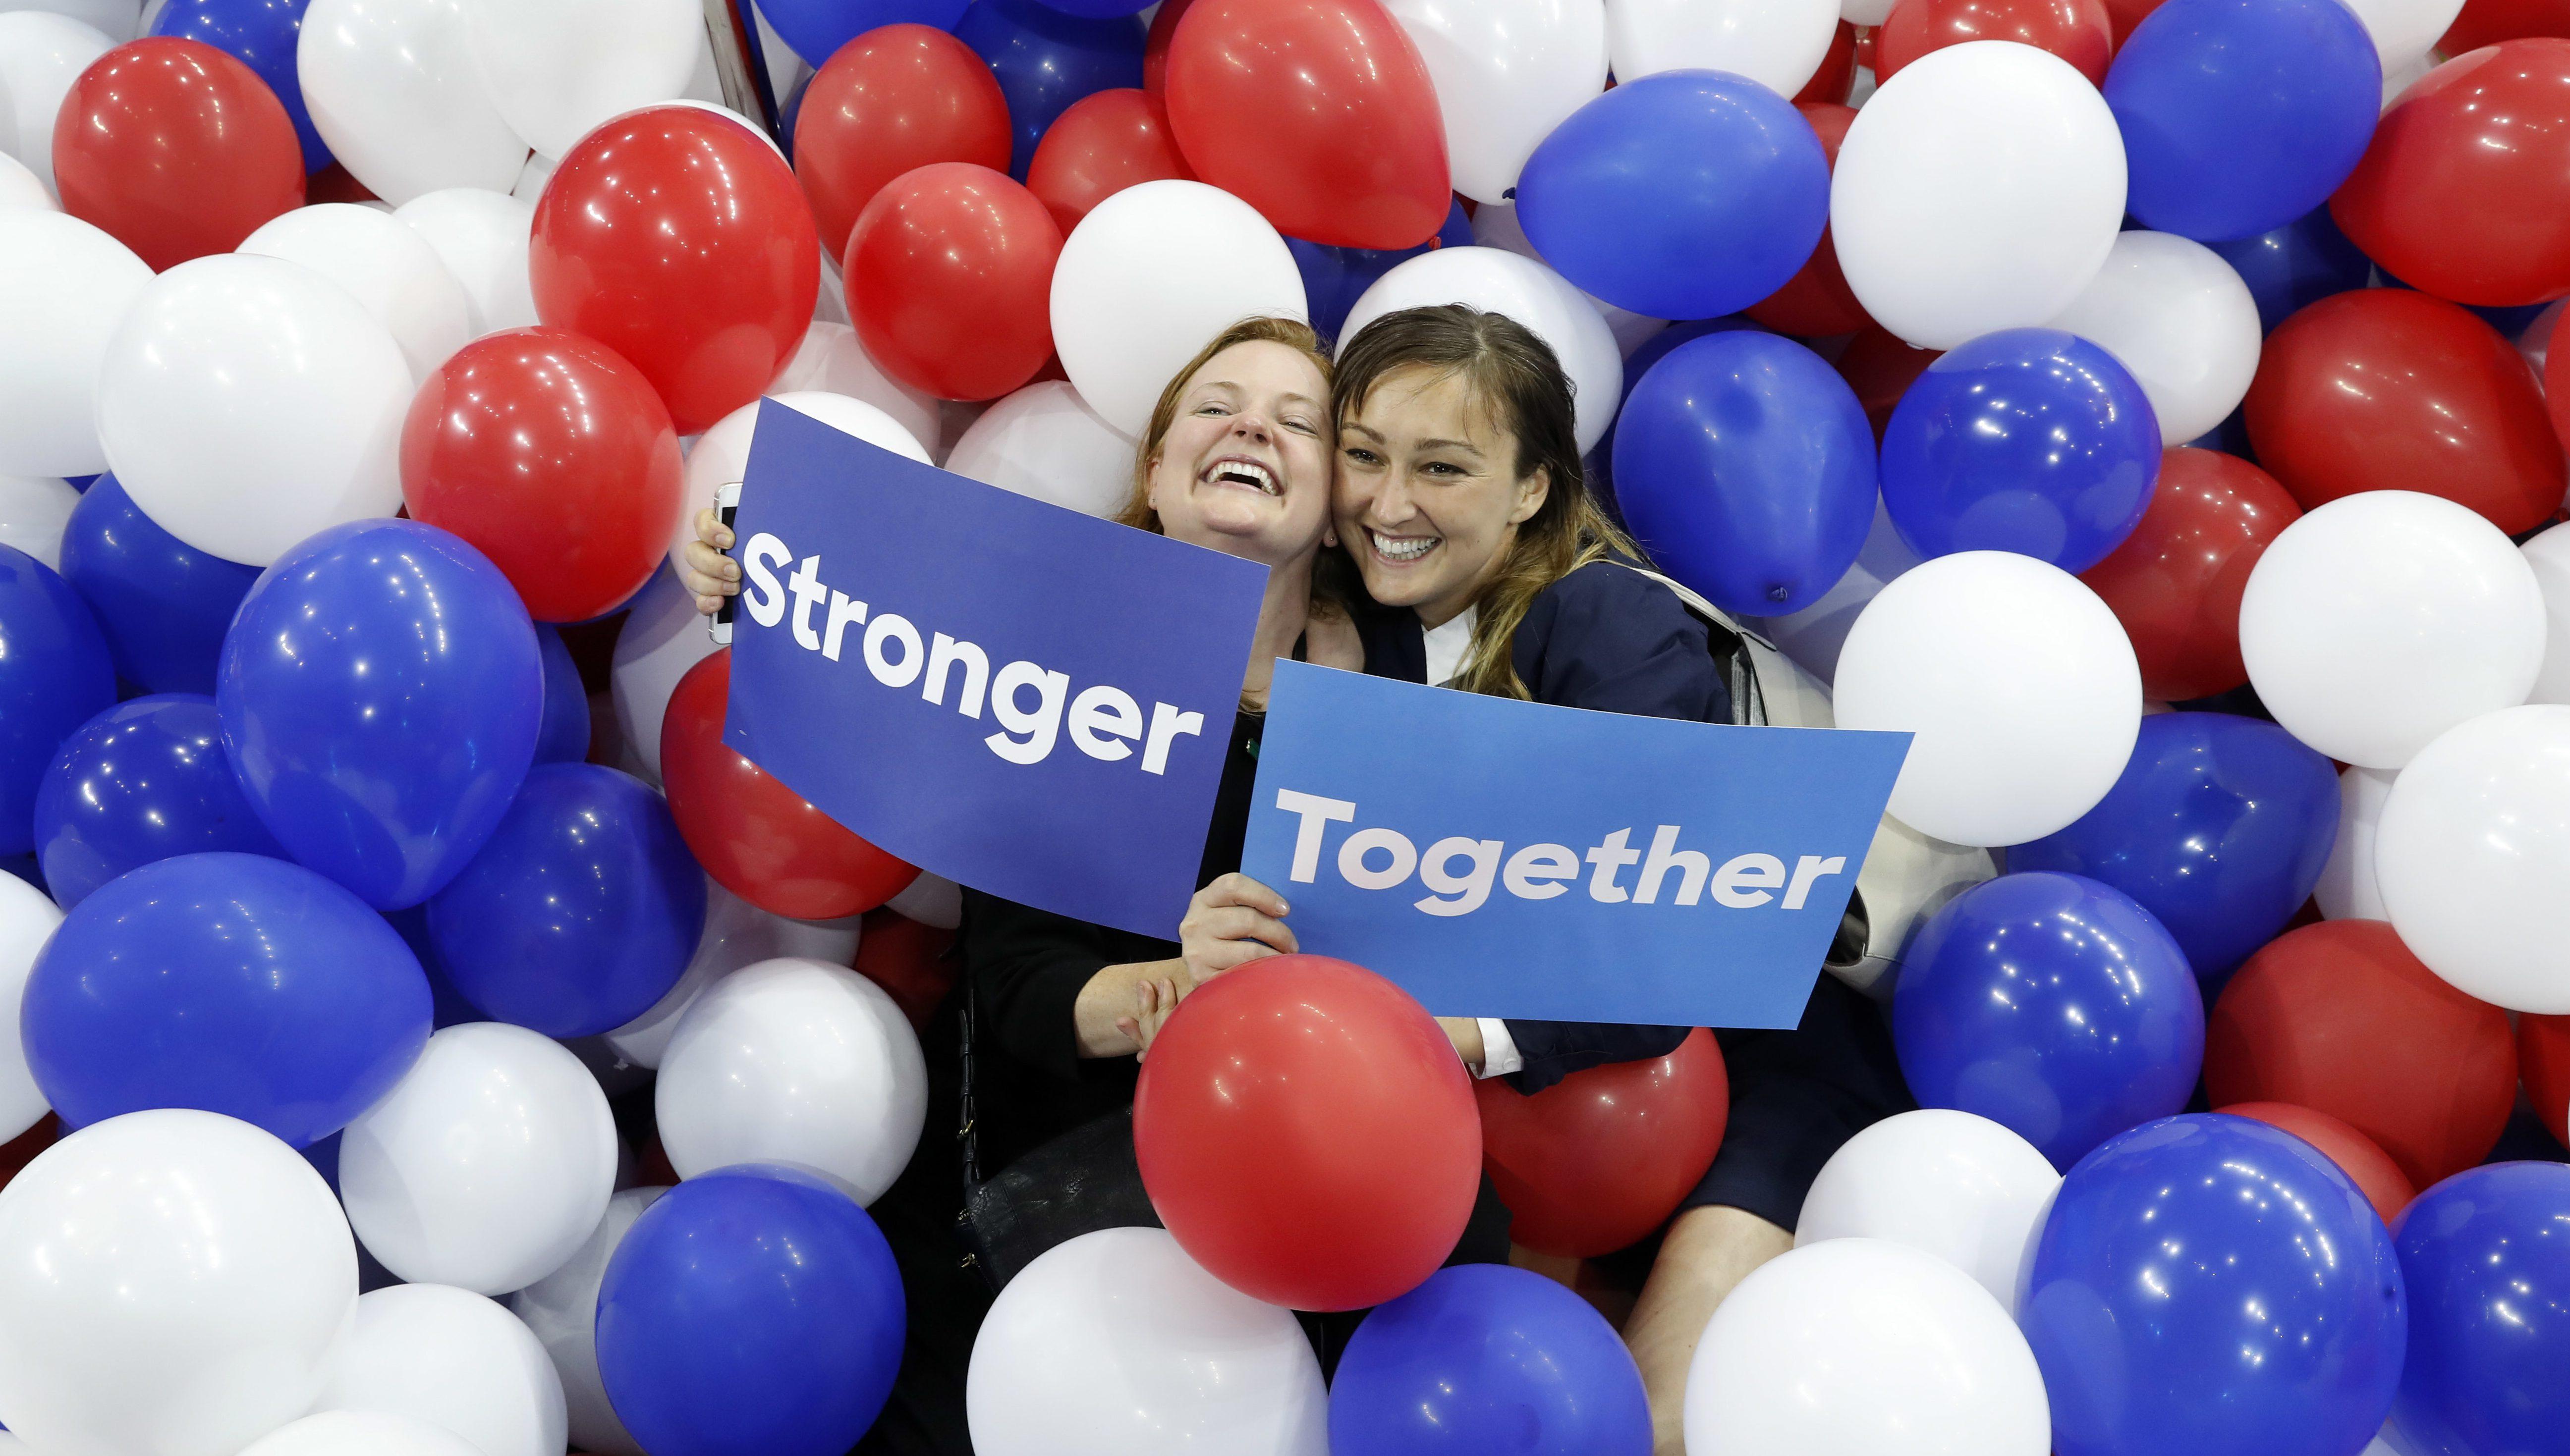 Bock-Clinton Campaign staff